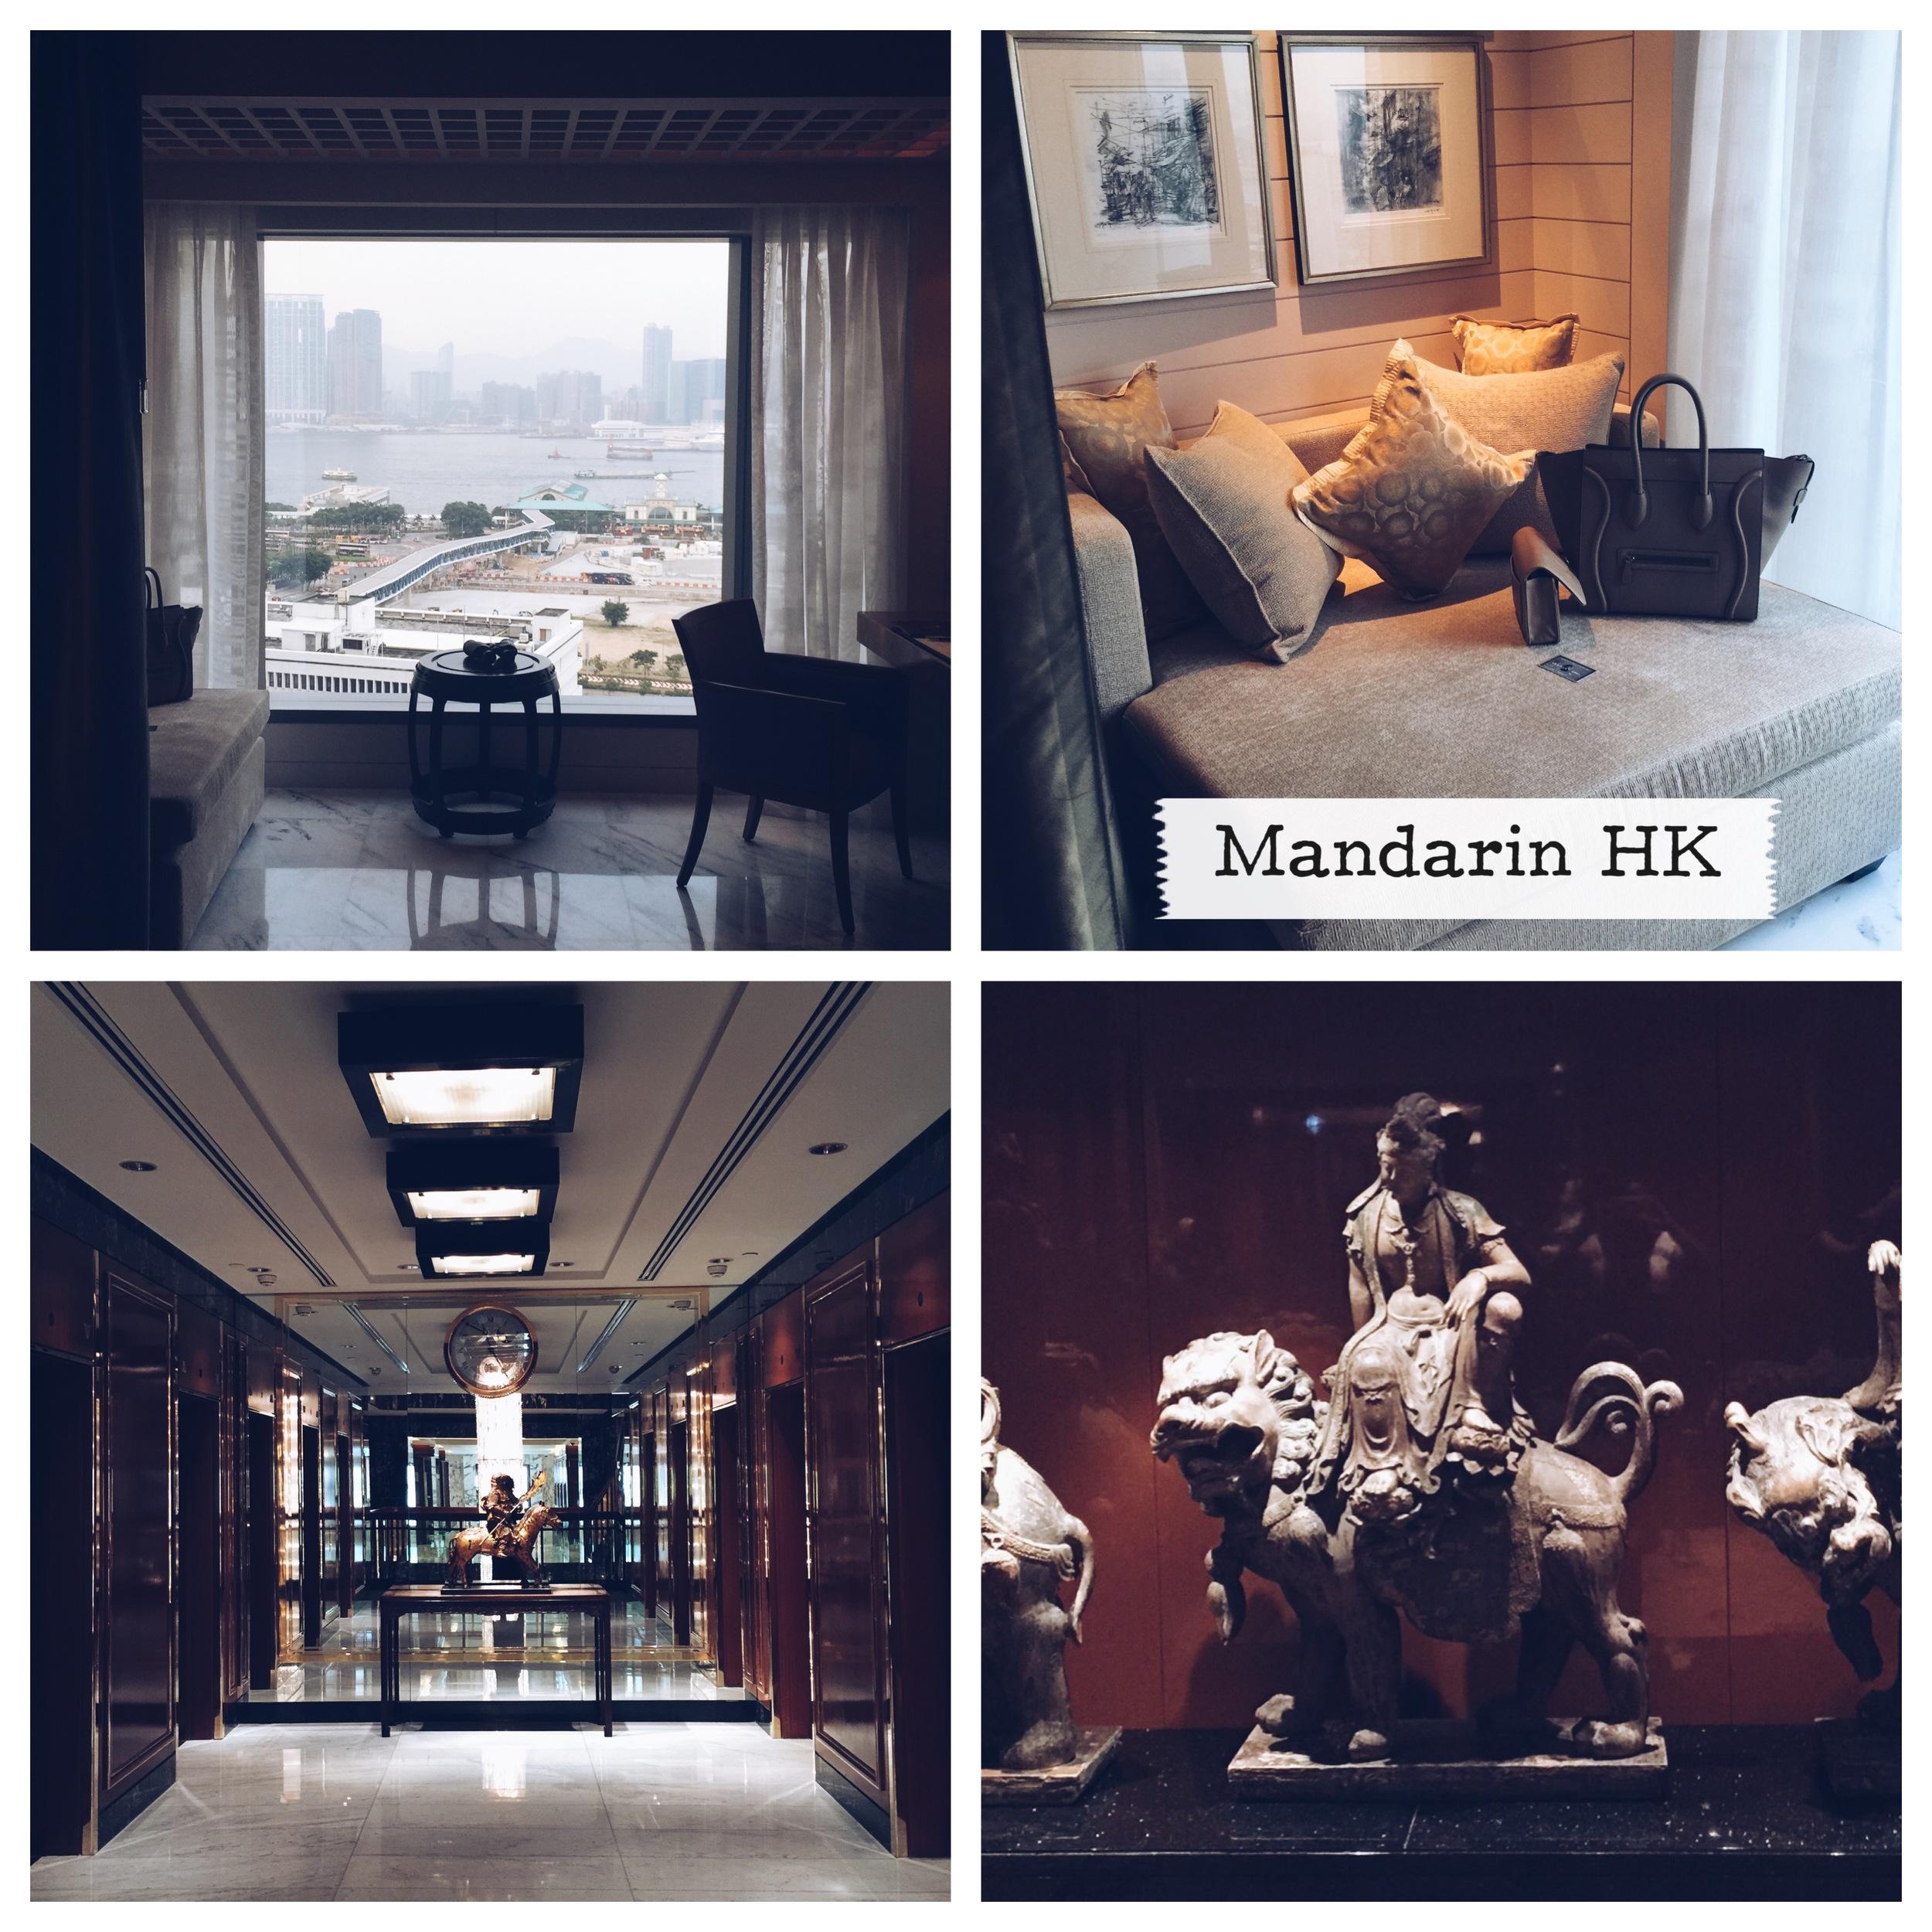 Mandarin HK